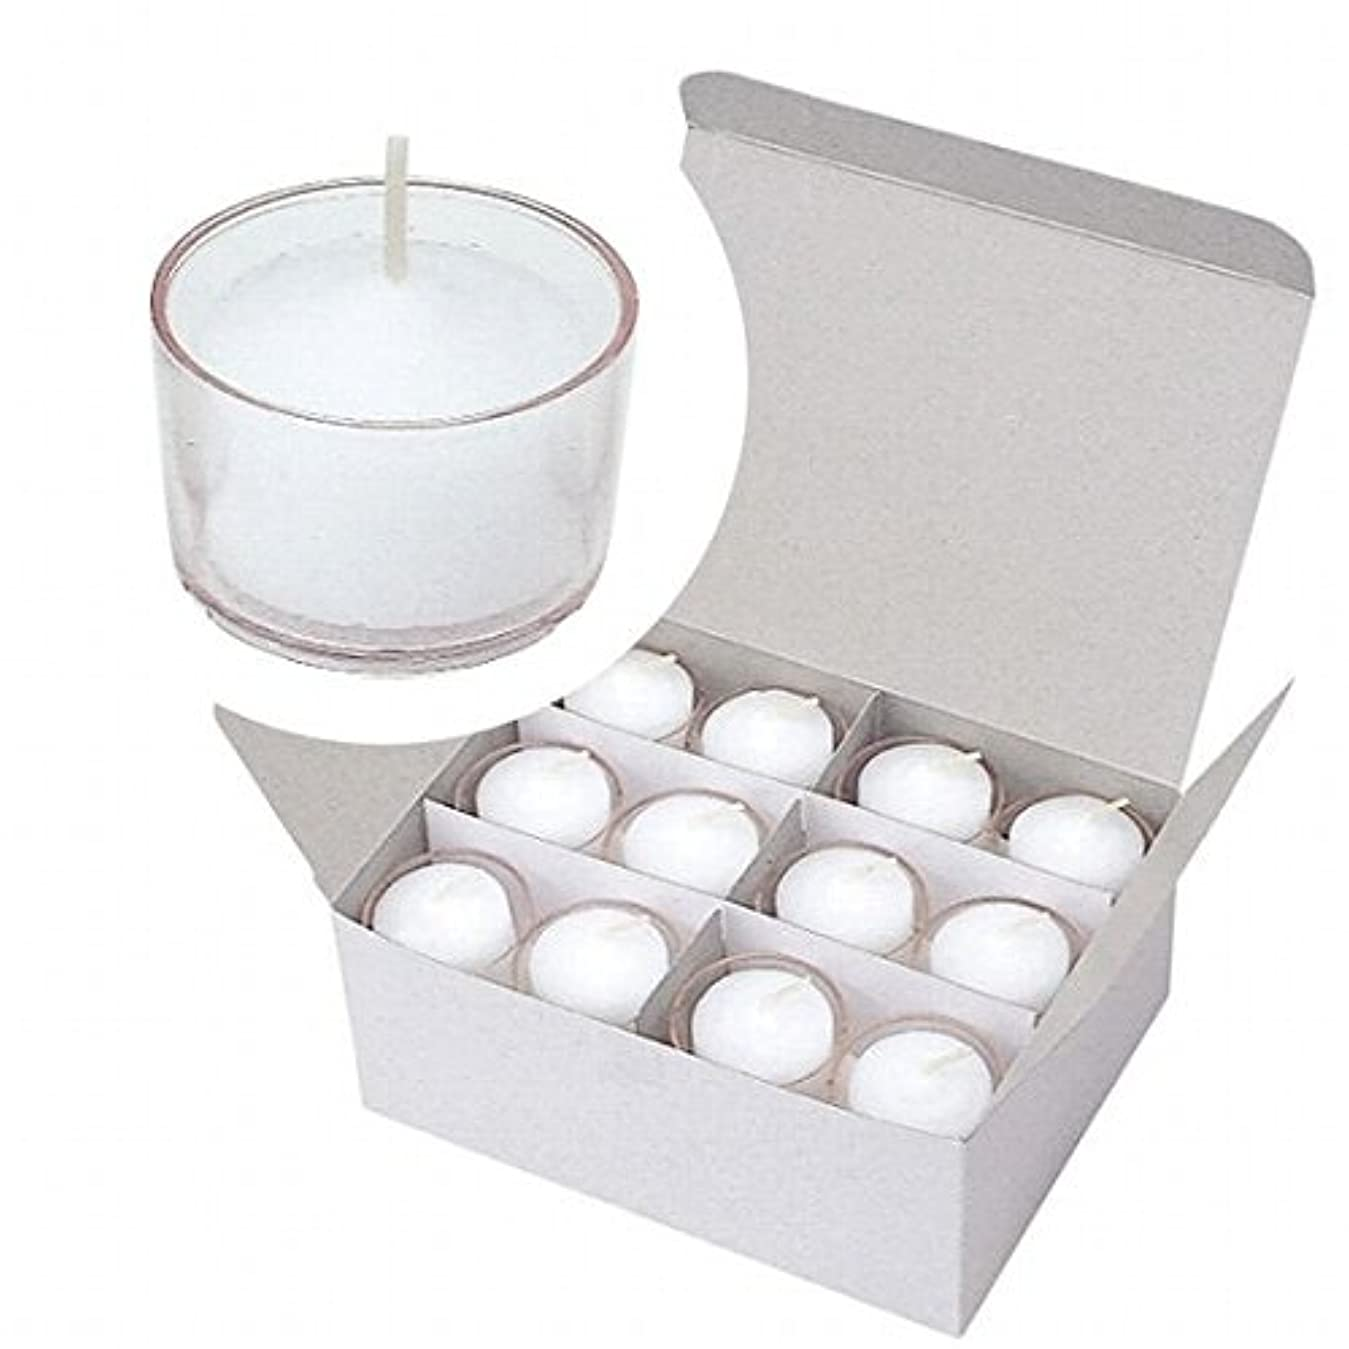 文庫本ホームレス文化カメヤマキャンドル(kameyama candle) クリアカップボーティブ4時間タイプ 24個入り 「 クリア 」